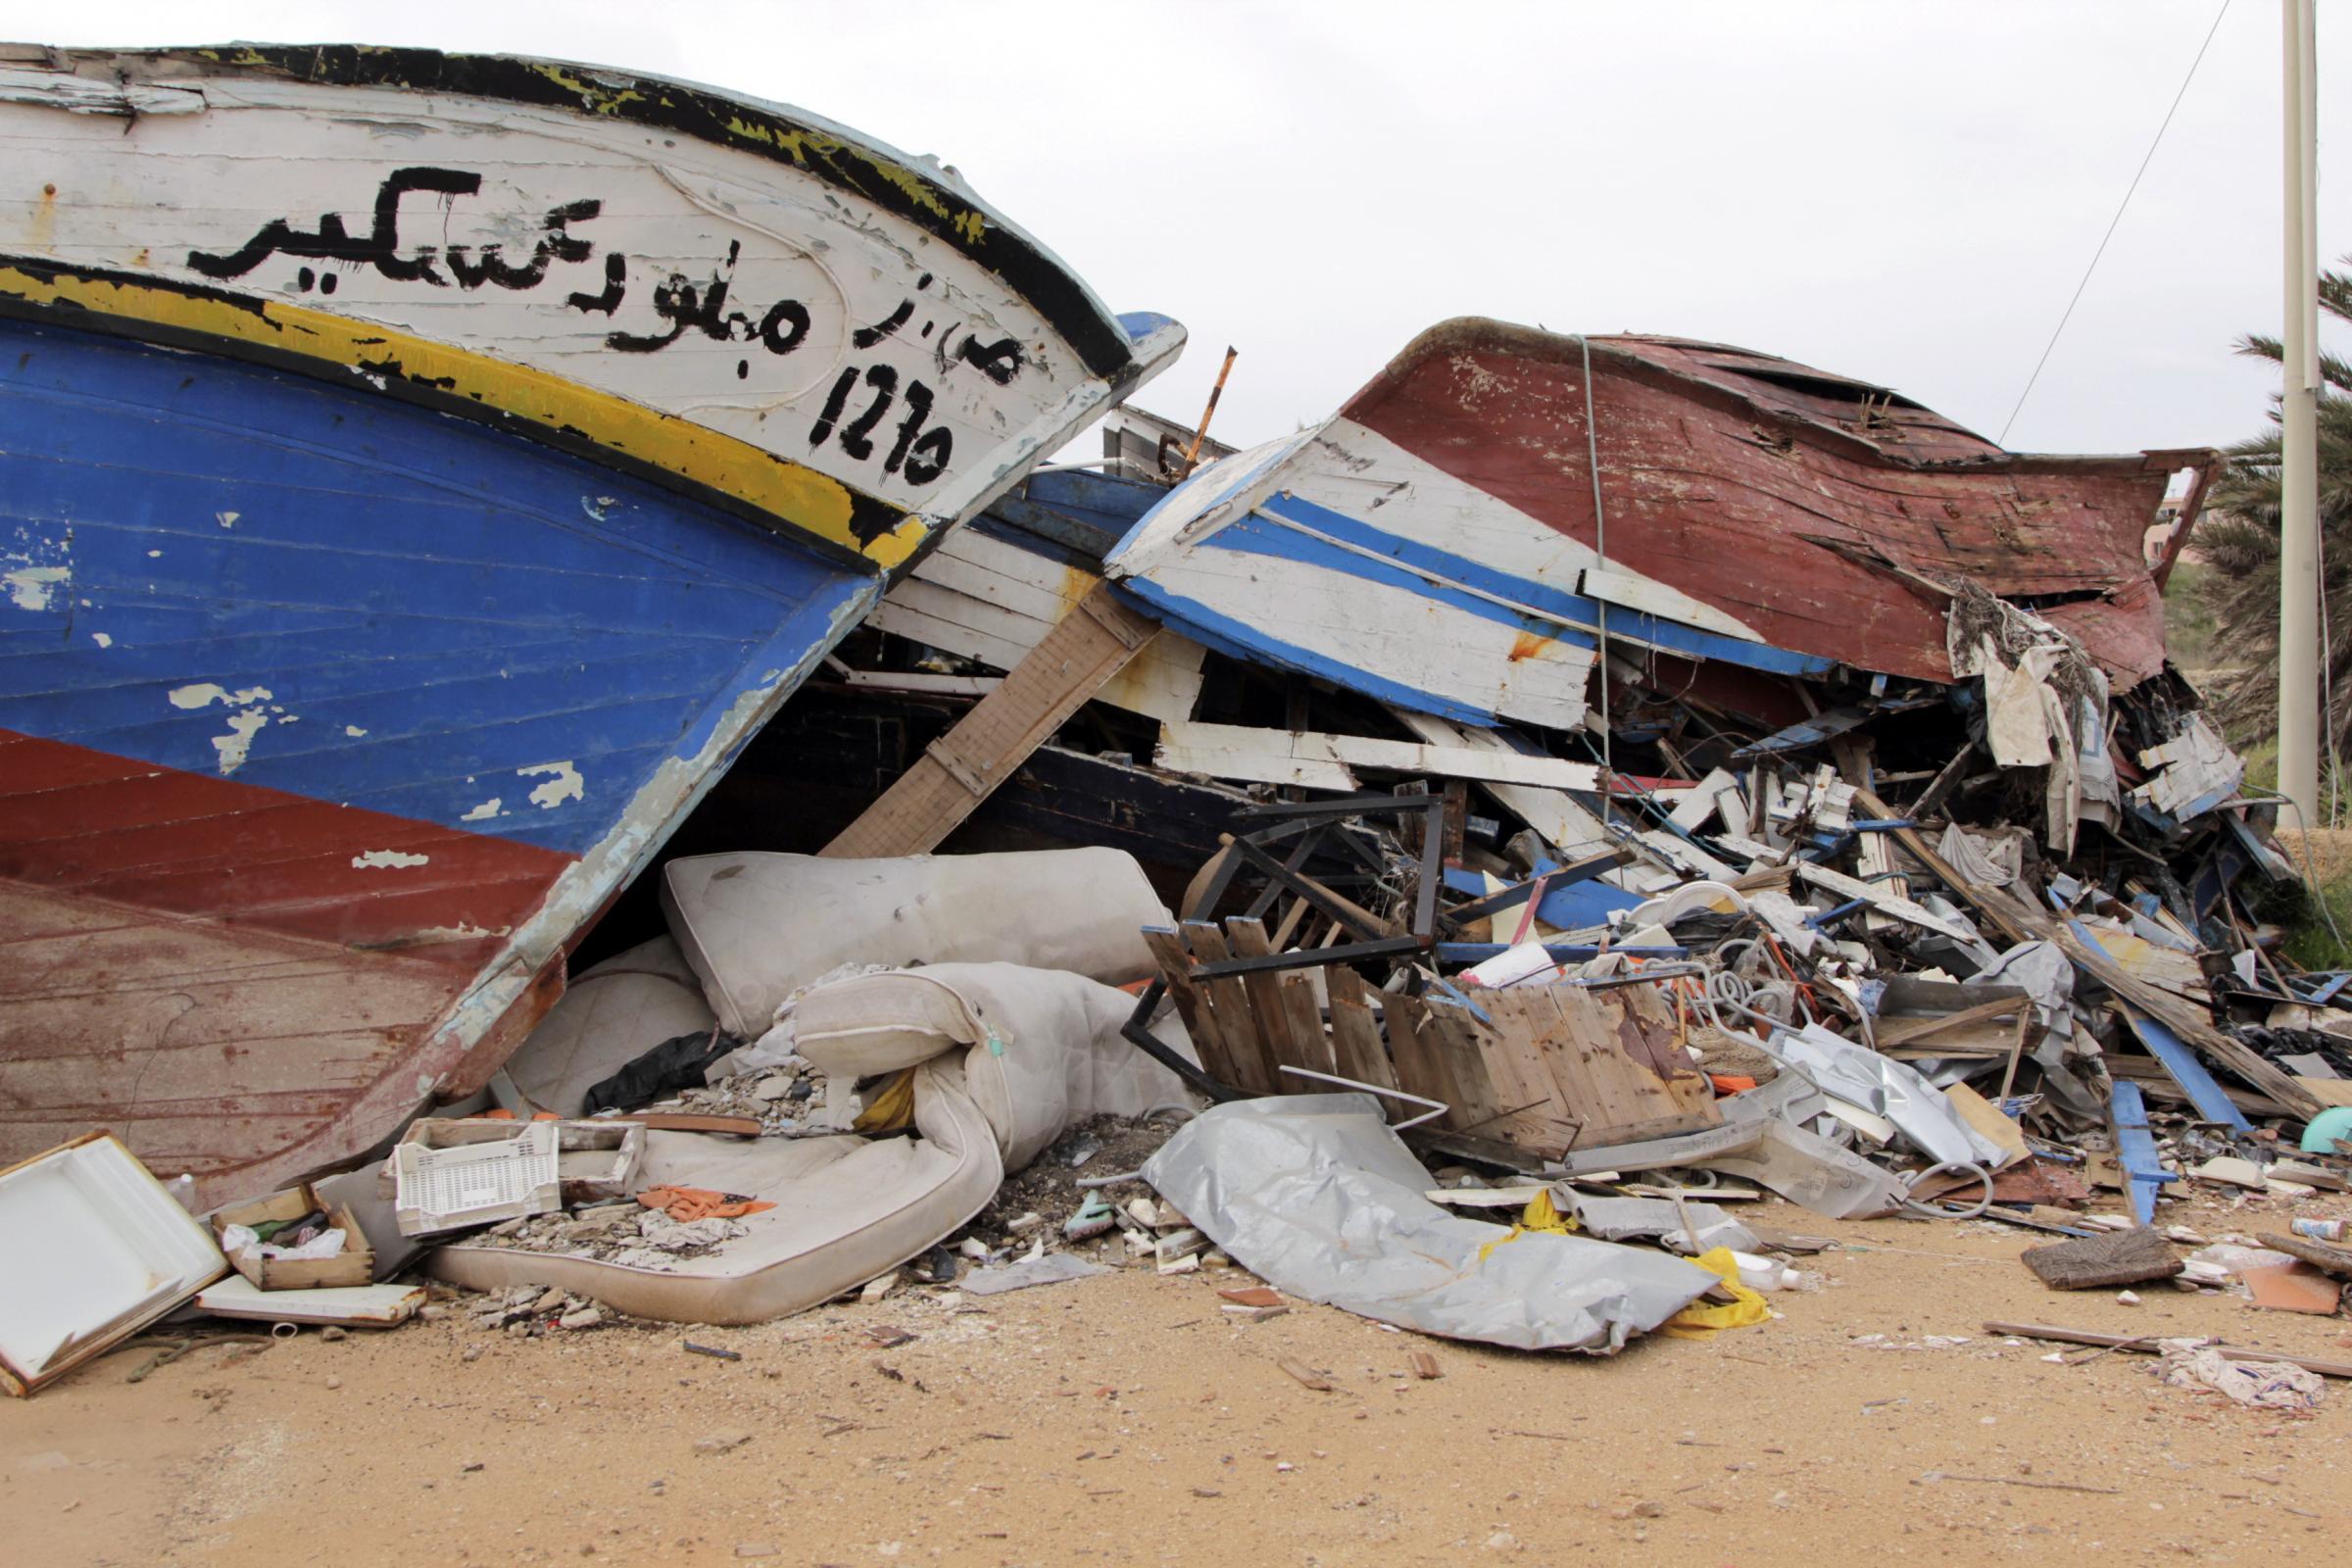 Lampedusa, 3 ottobre 2013. Come una tragedia cambia l'informazione sull'immigrazione